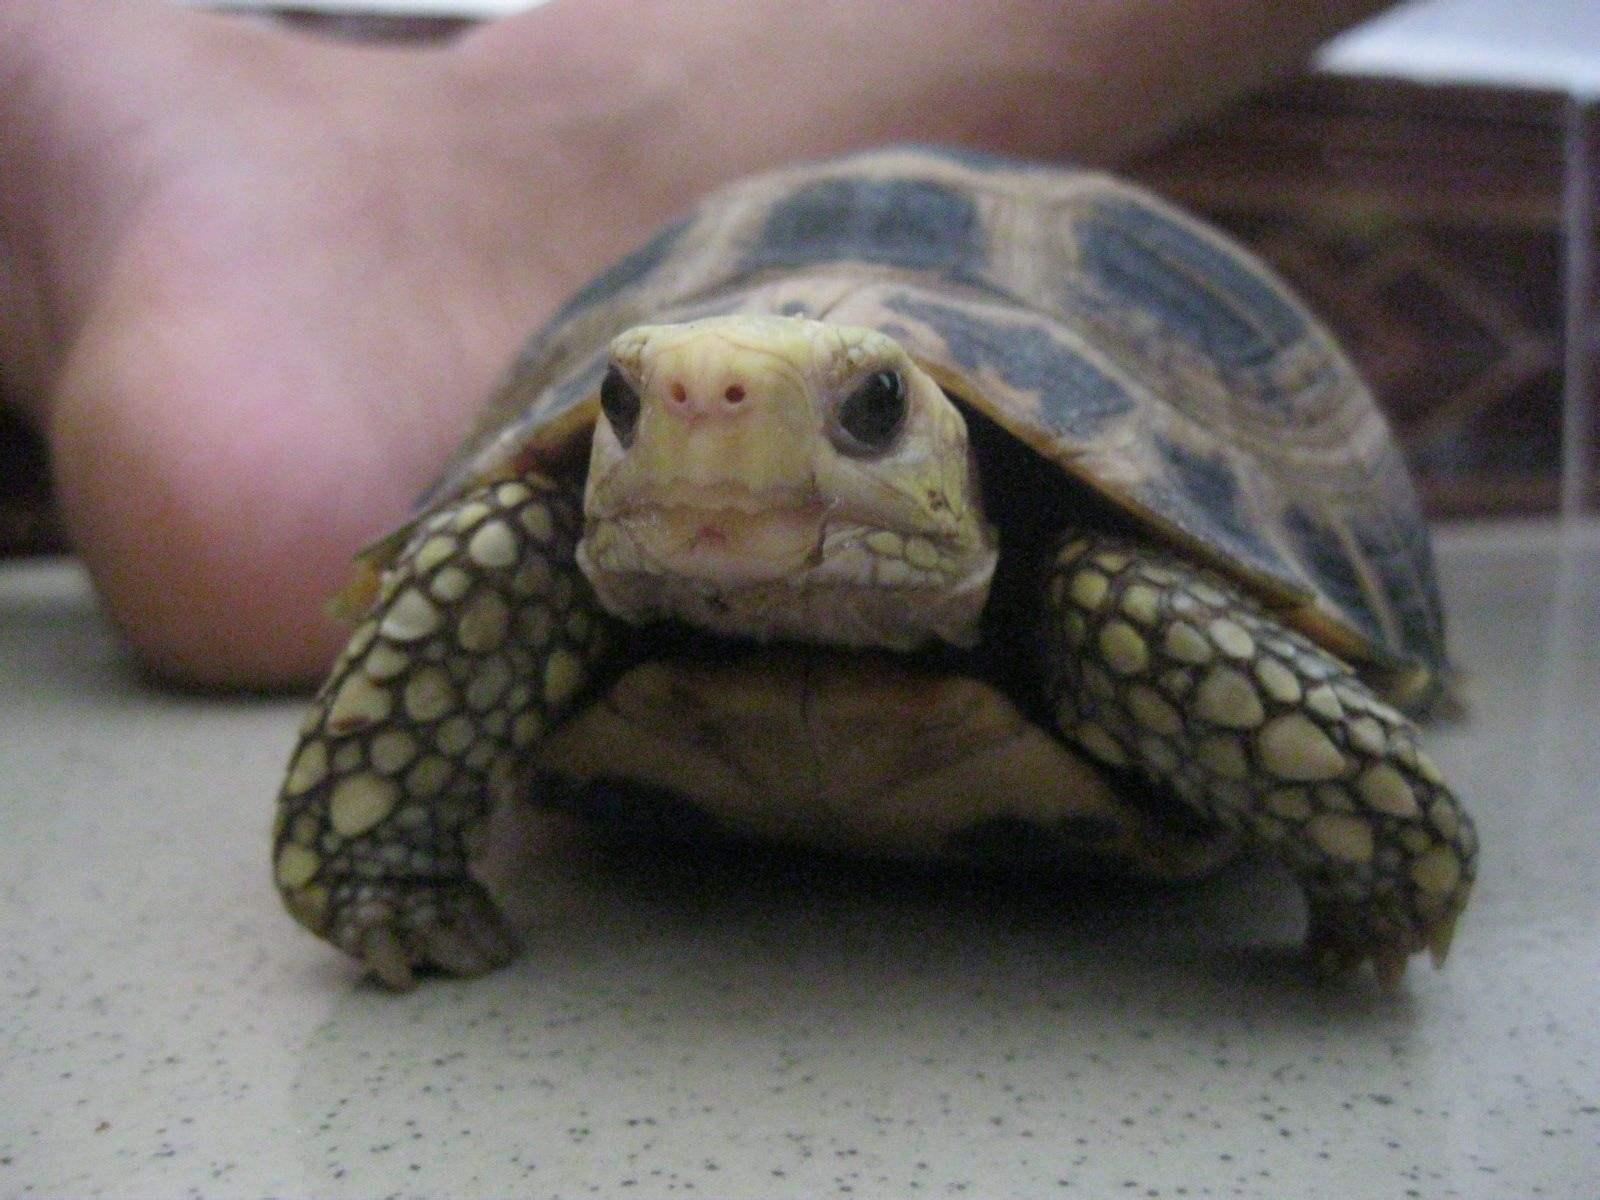 缅甸陆龟挑选 缅甸陆龟怎么挑选